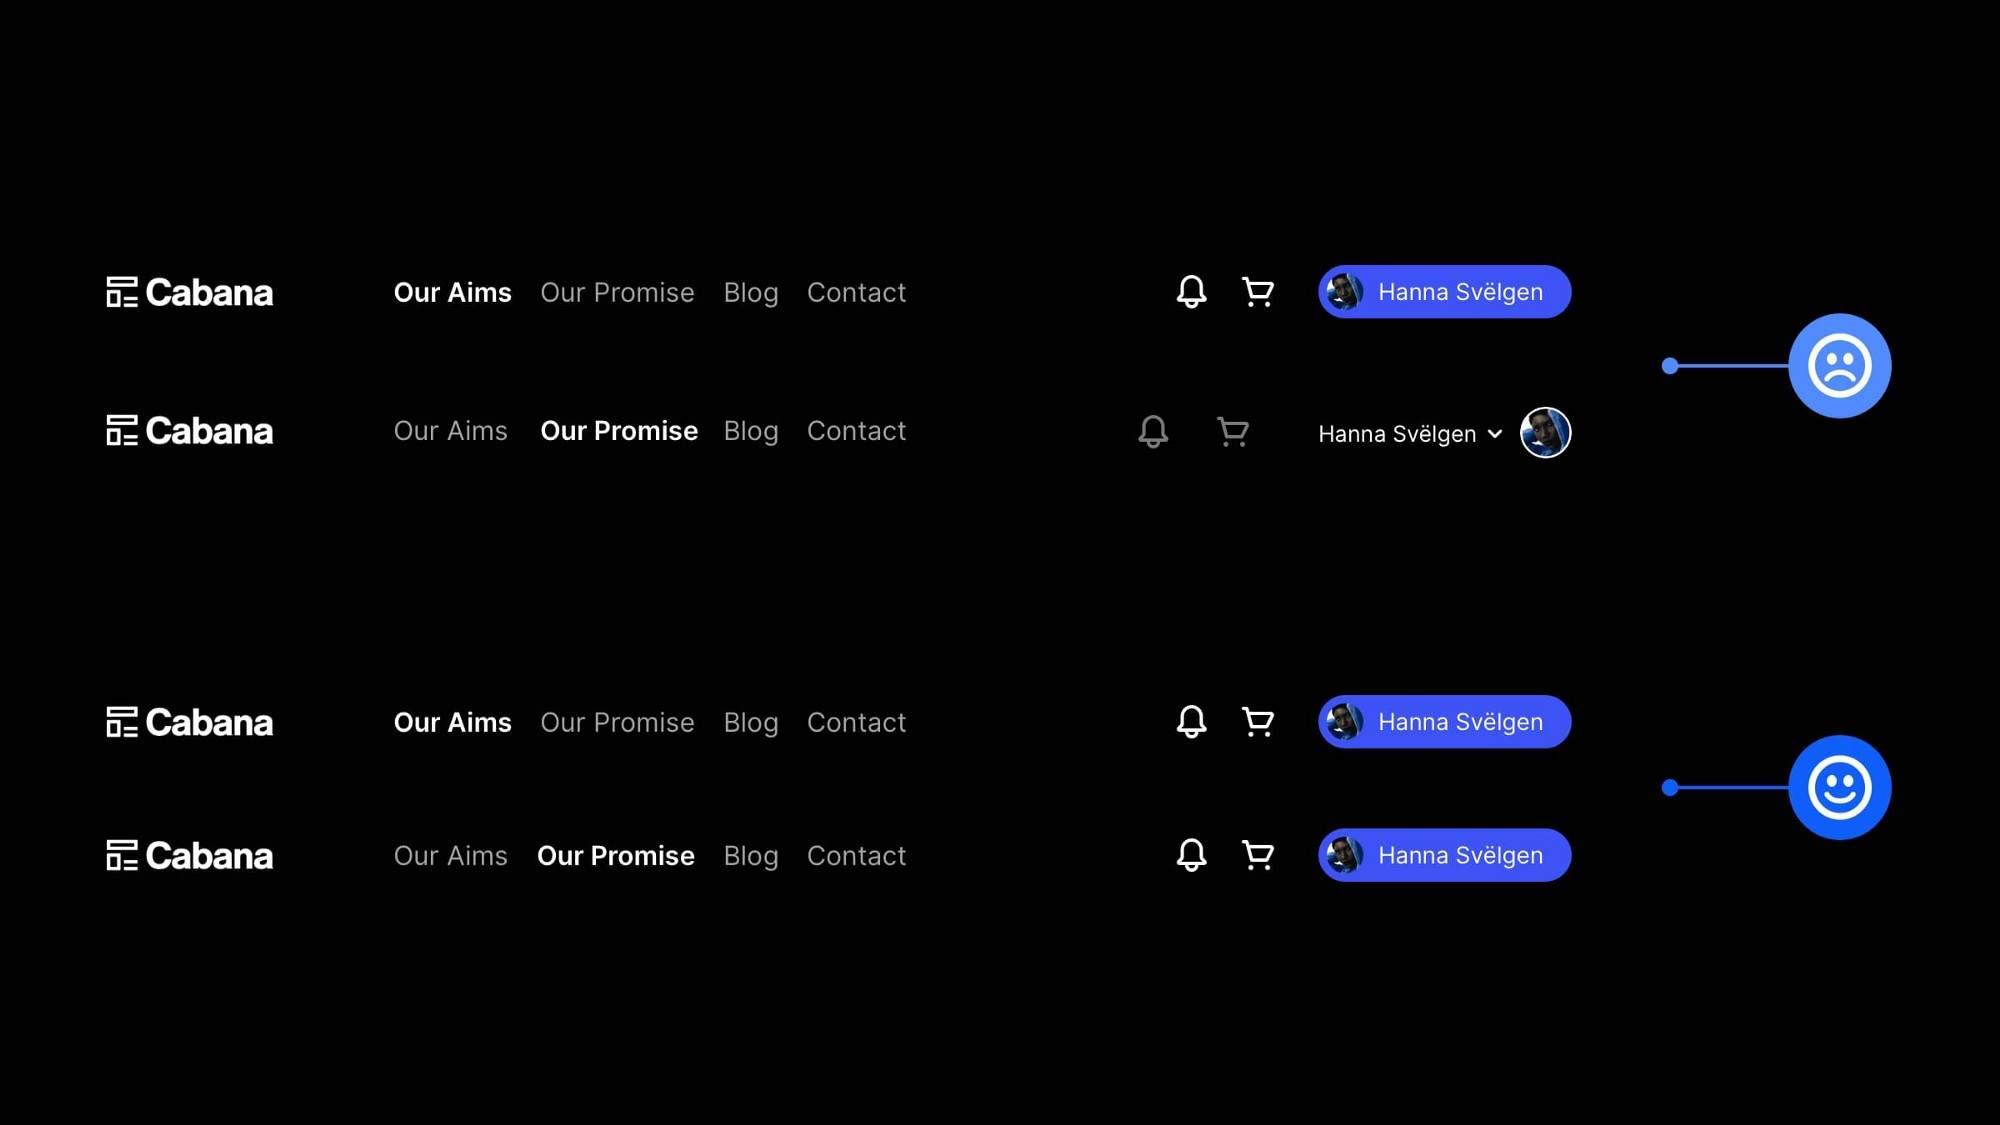 人人都可以是设计师:UI & UX 小技巧大全 (六)插图(4)